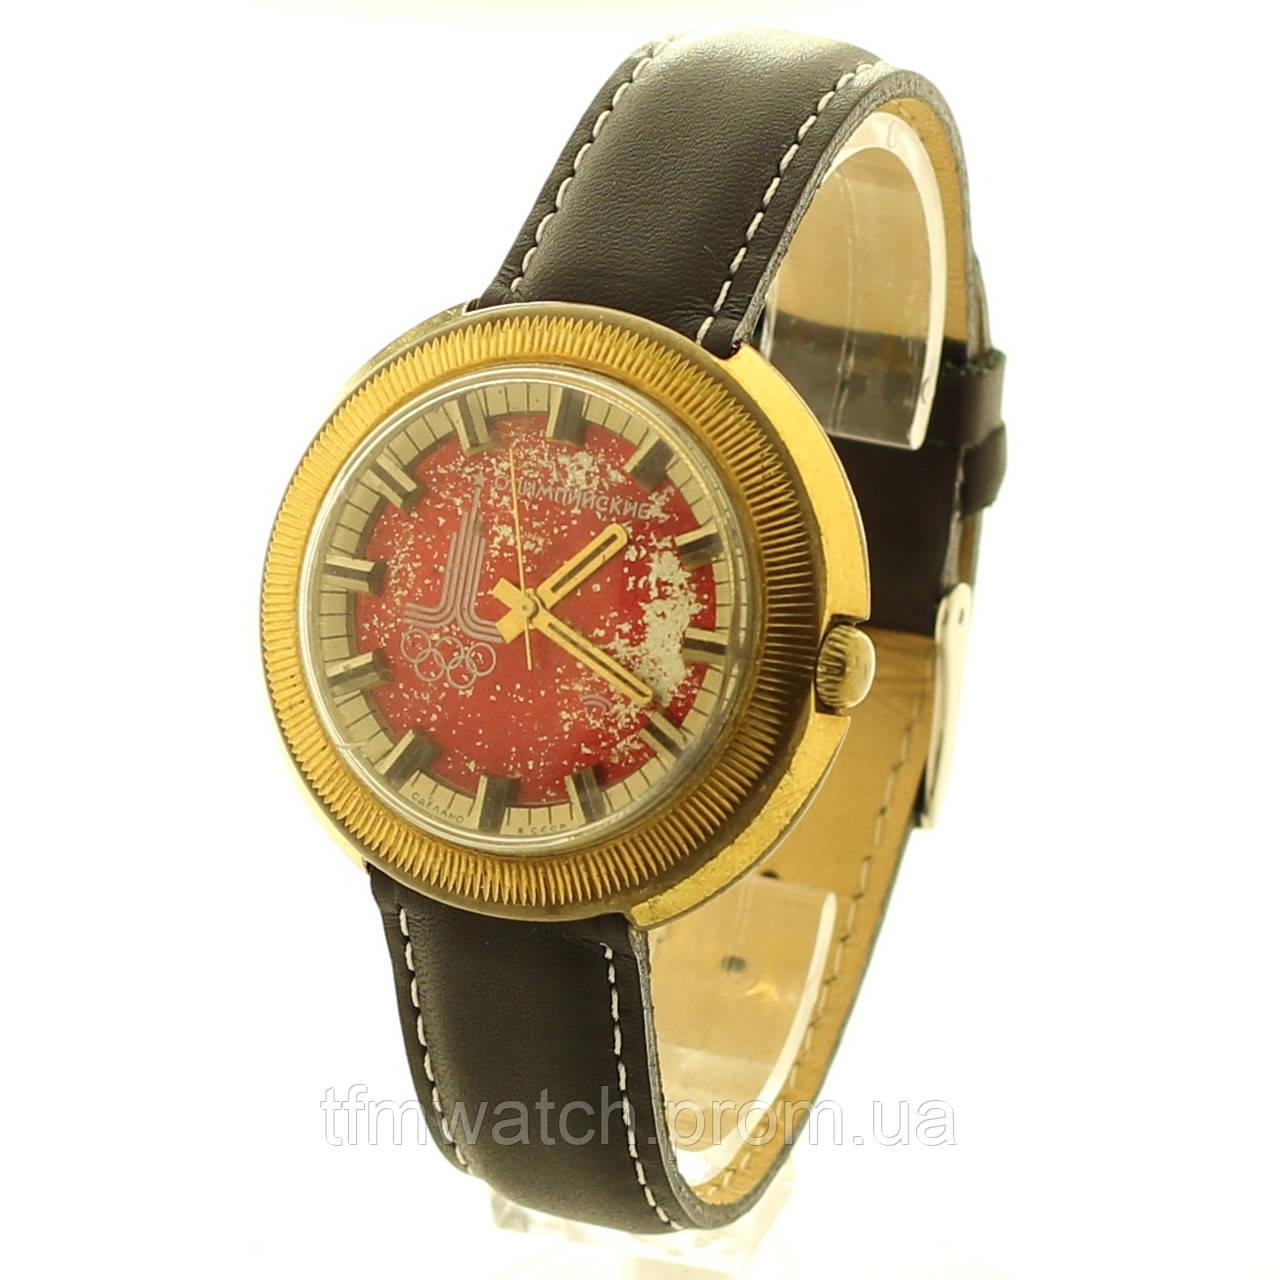 Ракета механические часы СССР Олимпиада 80